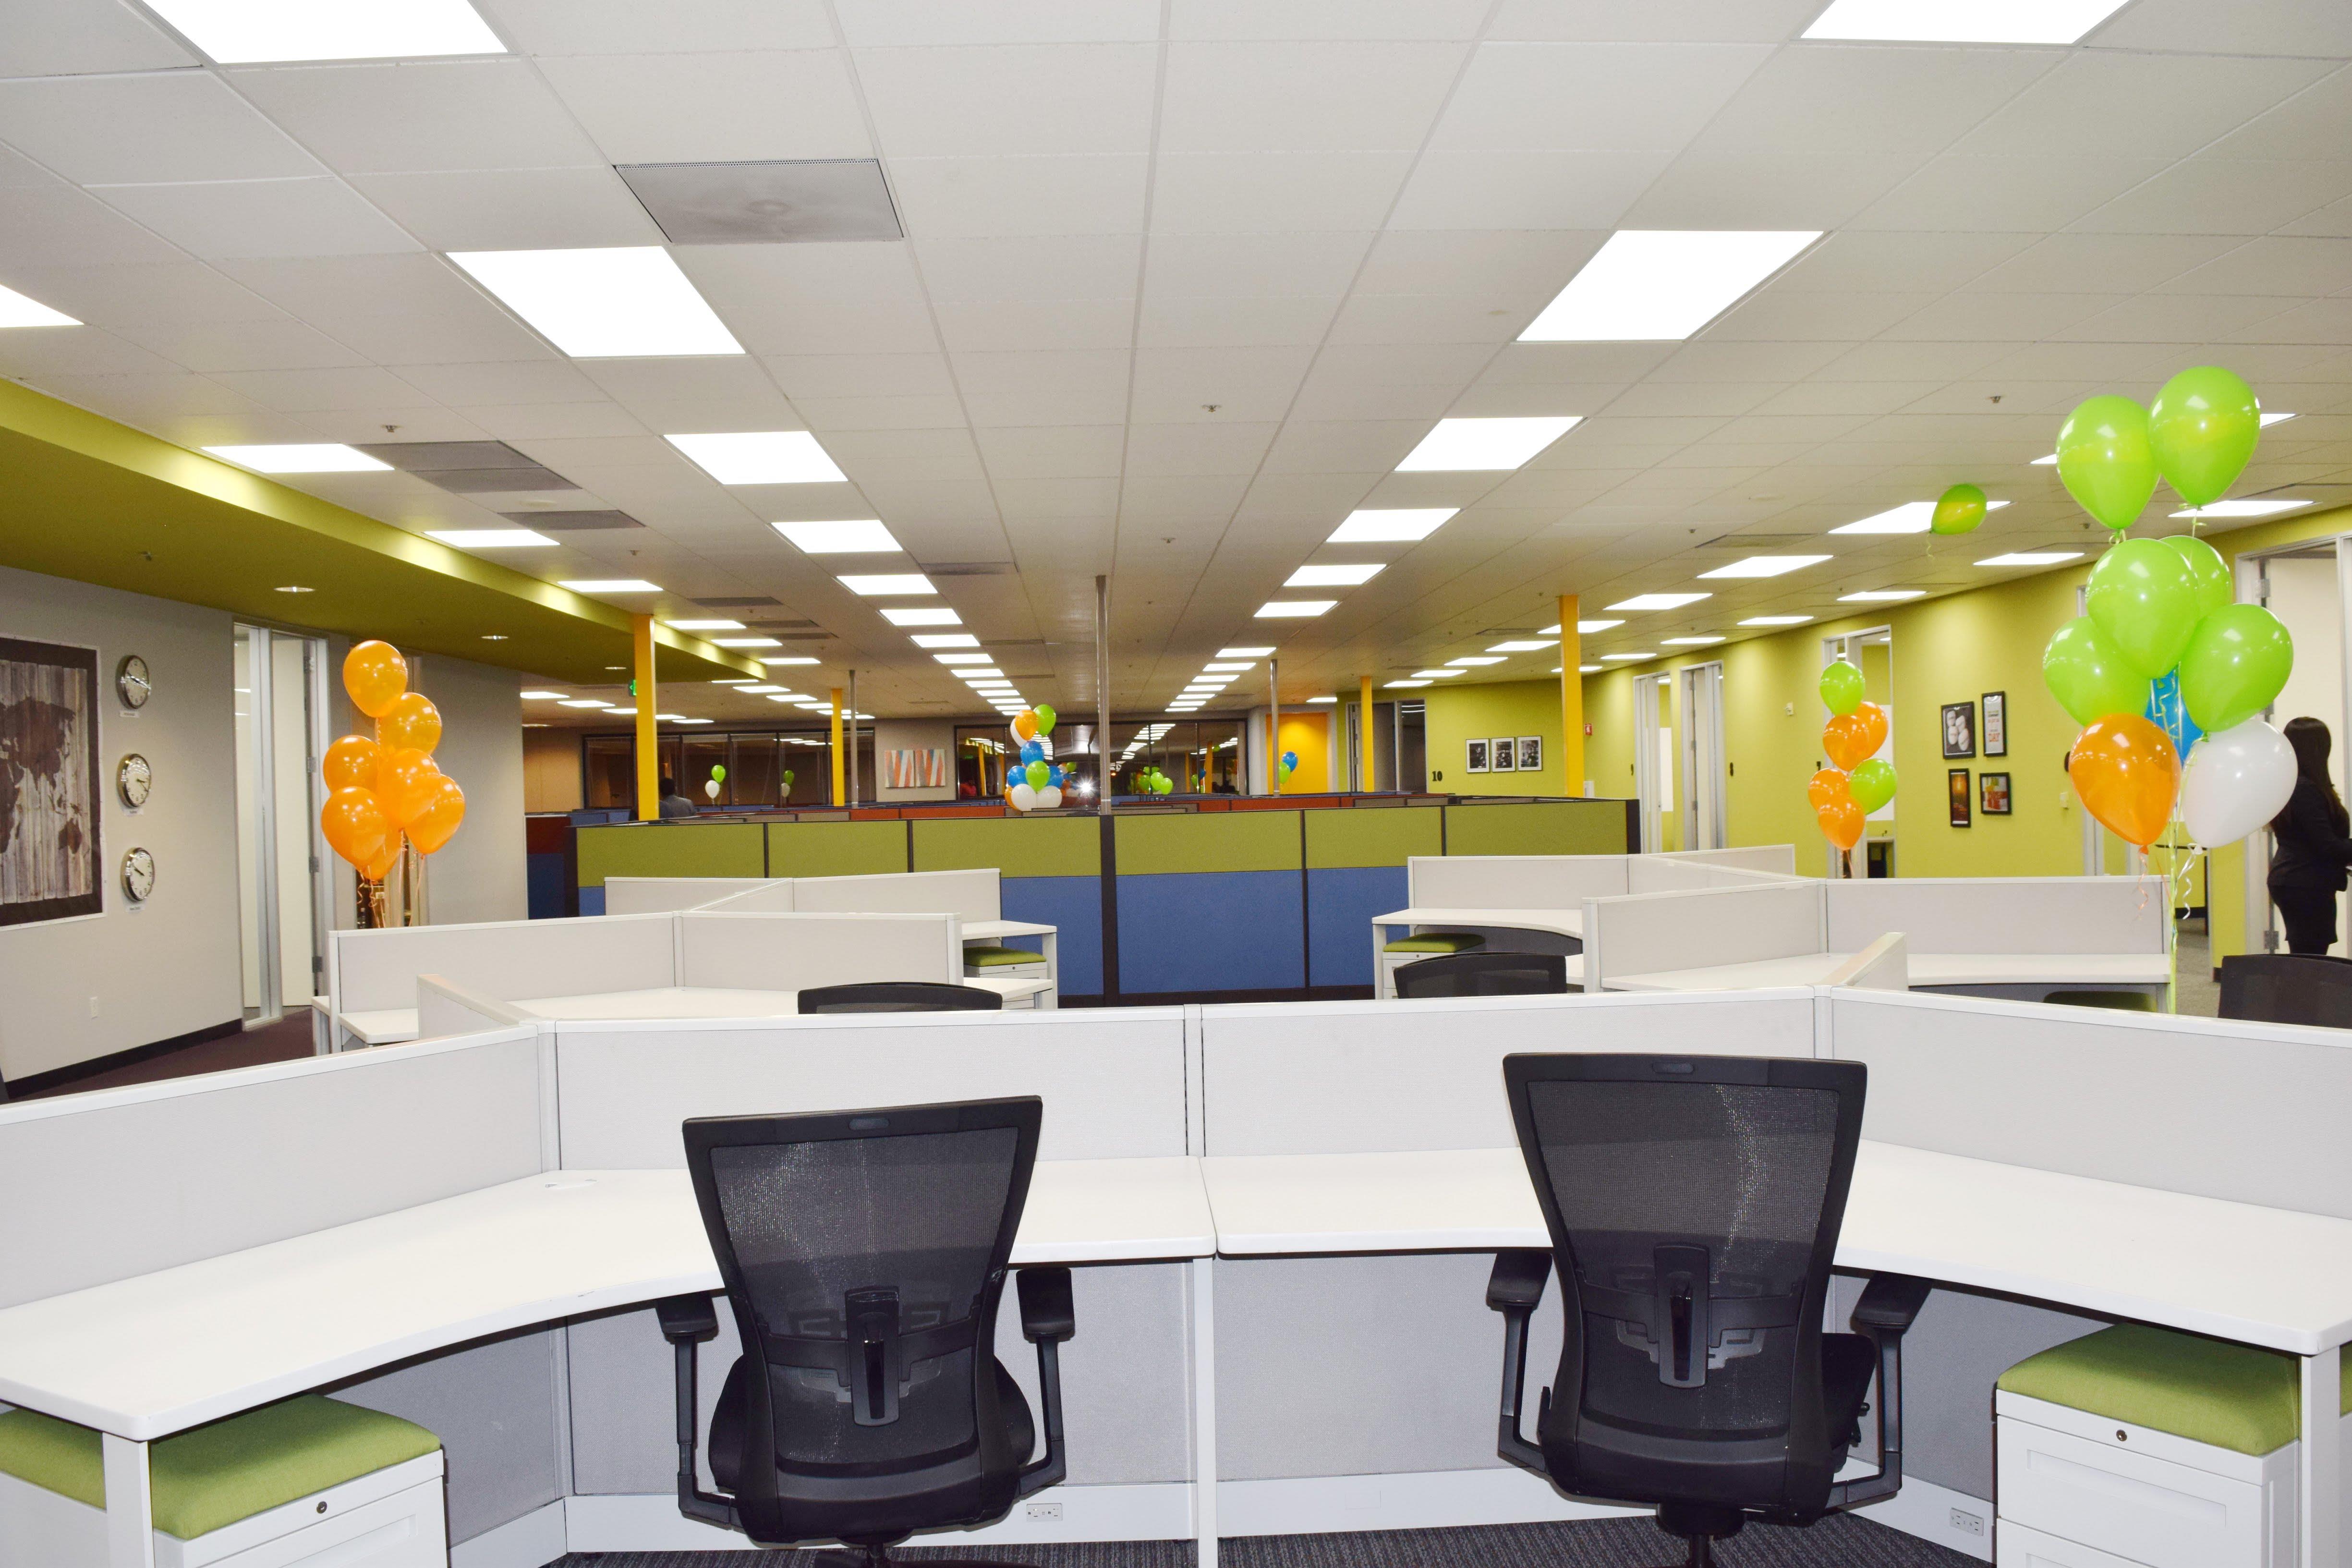 FalconX Incubator Accelerator - Suite 4 : Team Office for 8 people